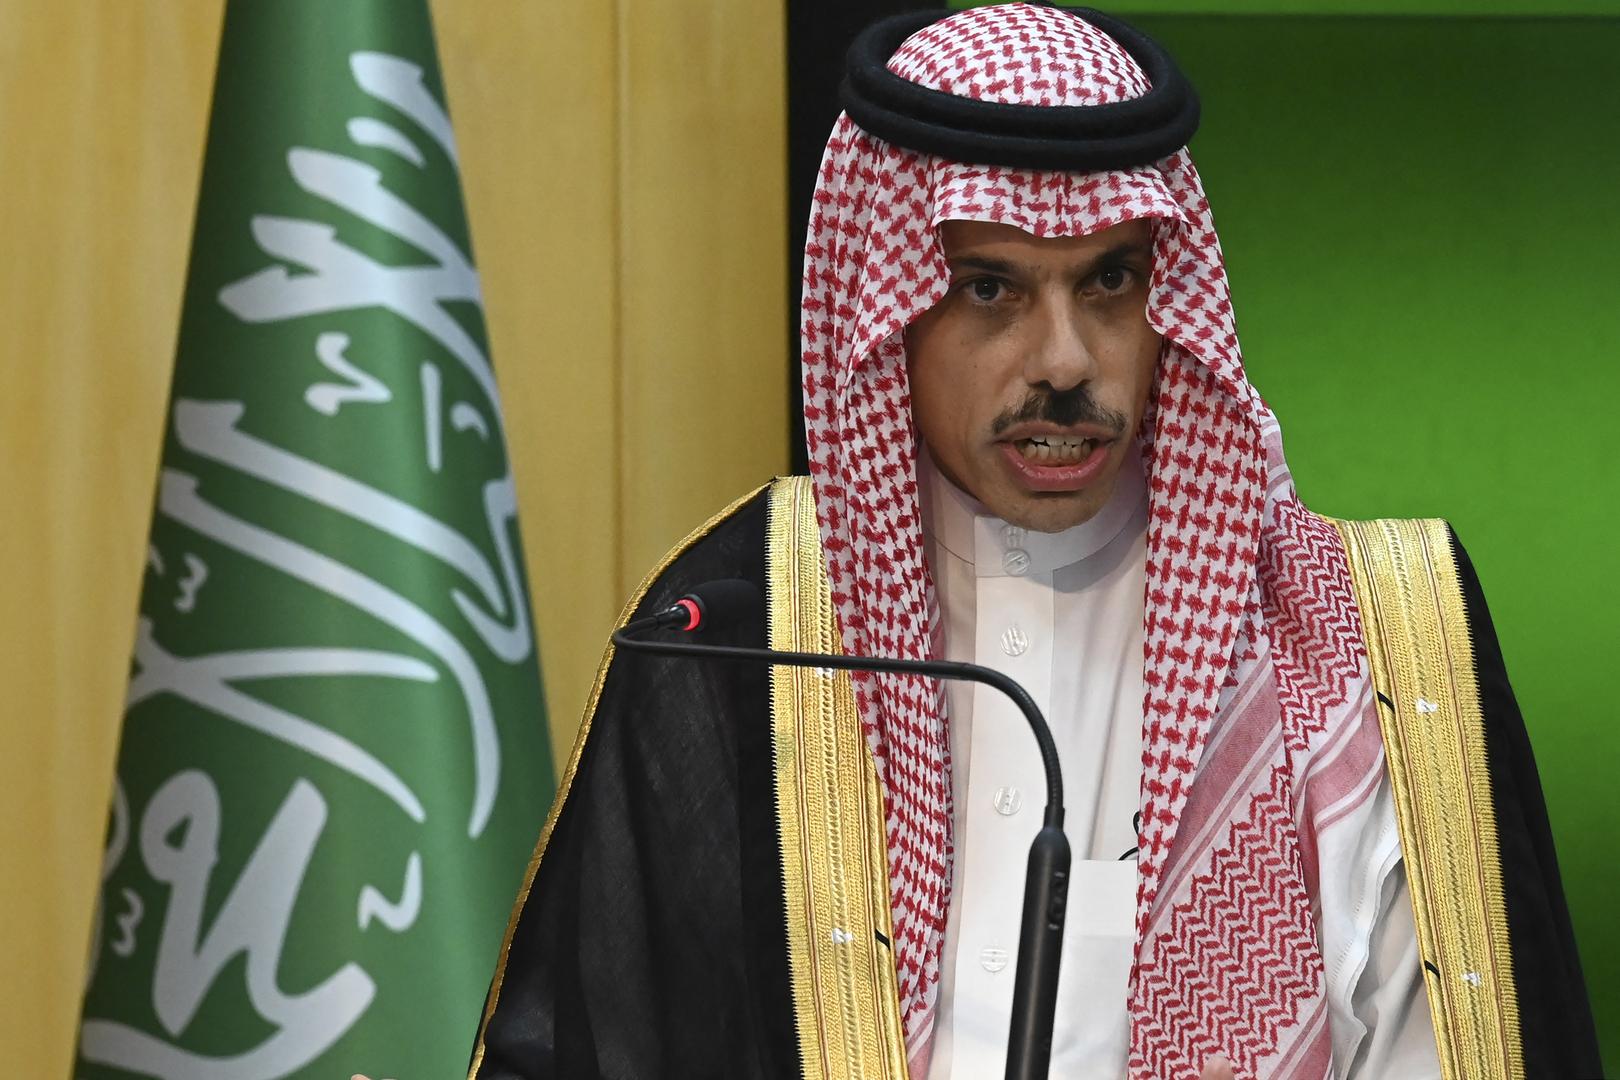 السعودية: ندعم الجهود الدولية لمنع إيران من امتلاك <a href='/tags/4438-%D8%A7%D9%84%D8%B3%D9%84%D8%A7%D8%AD-%D8%A7%D9%84%D9%86%D9%88%D9%88%D9%8A'>السلاح النووي</a>